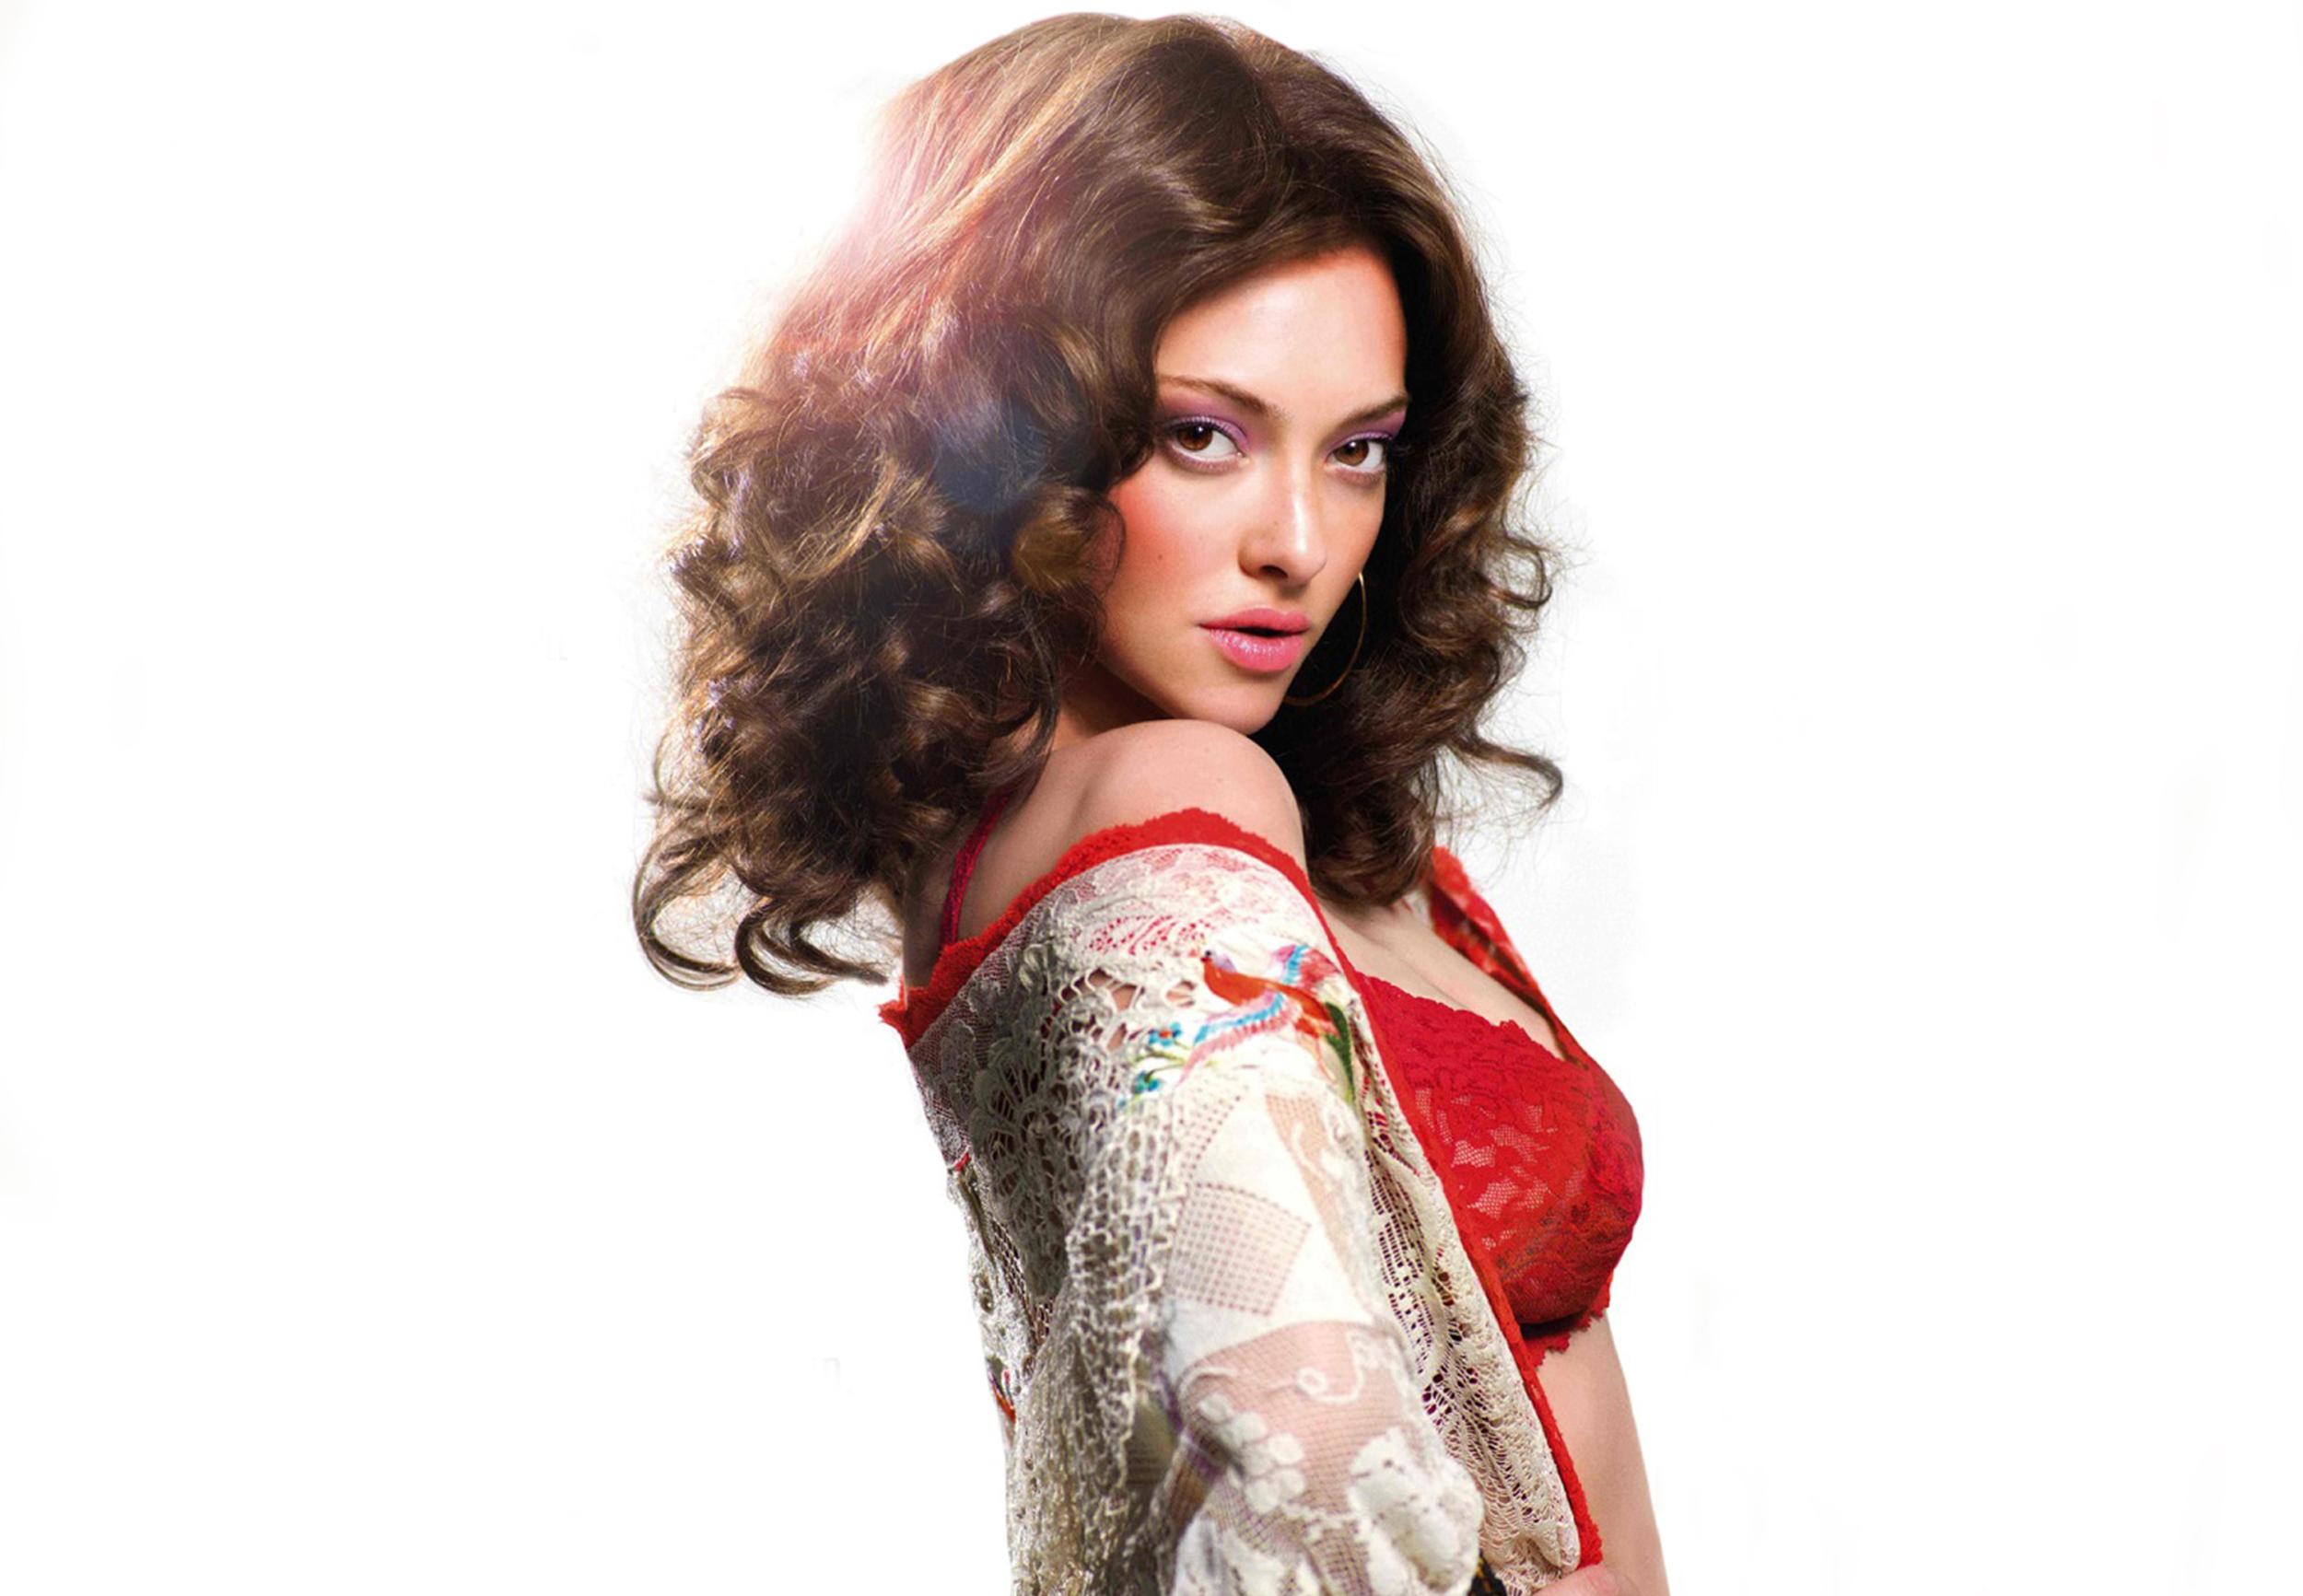 Amanda seyfried in lovelace 5